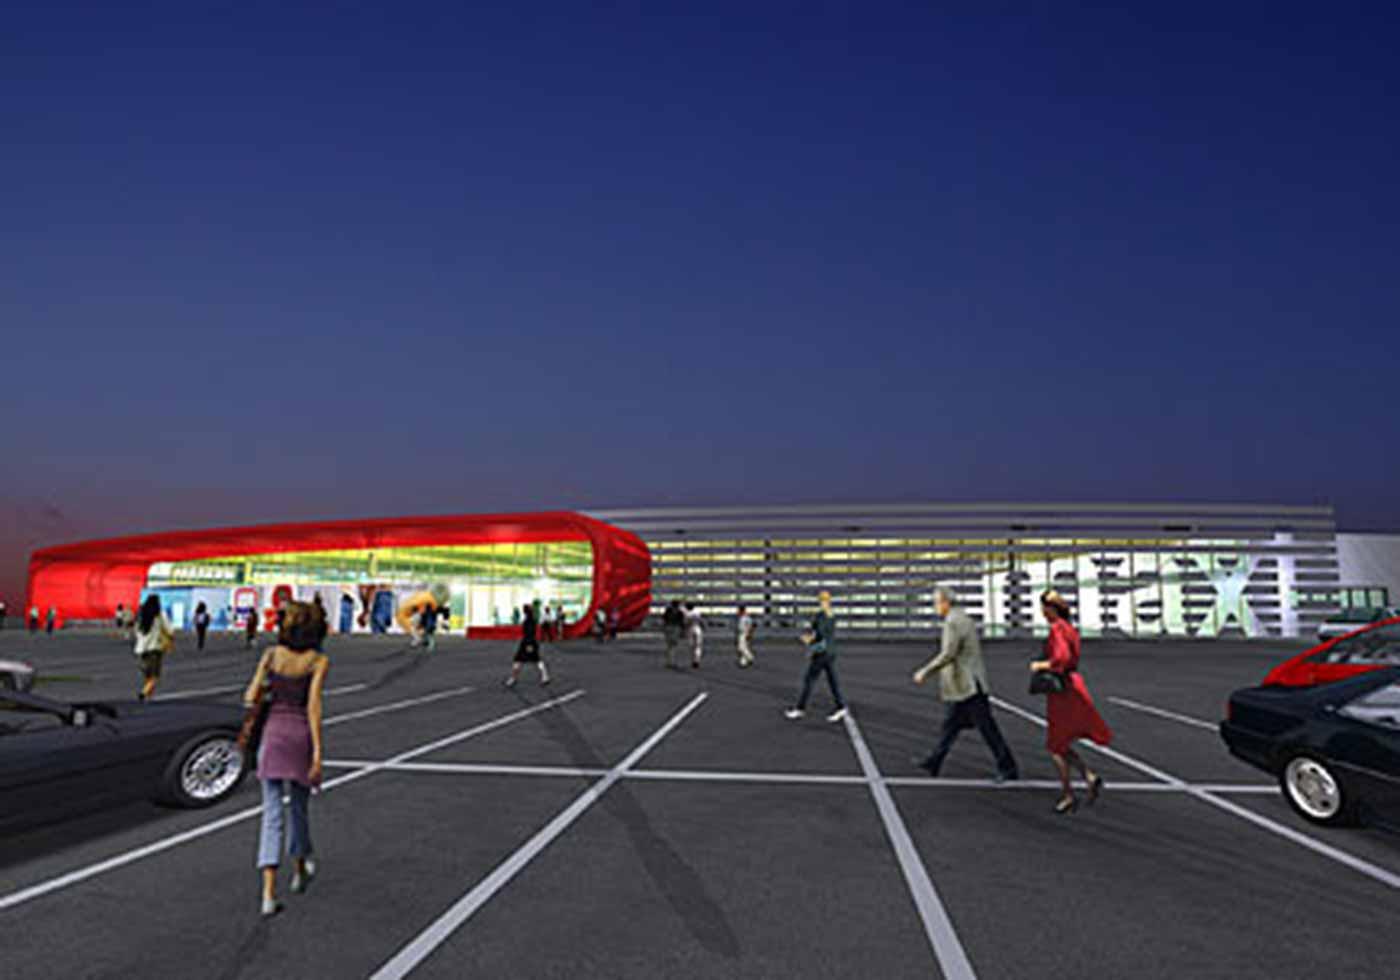 Торговый центр maxi markt - max center, Австрия